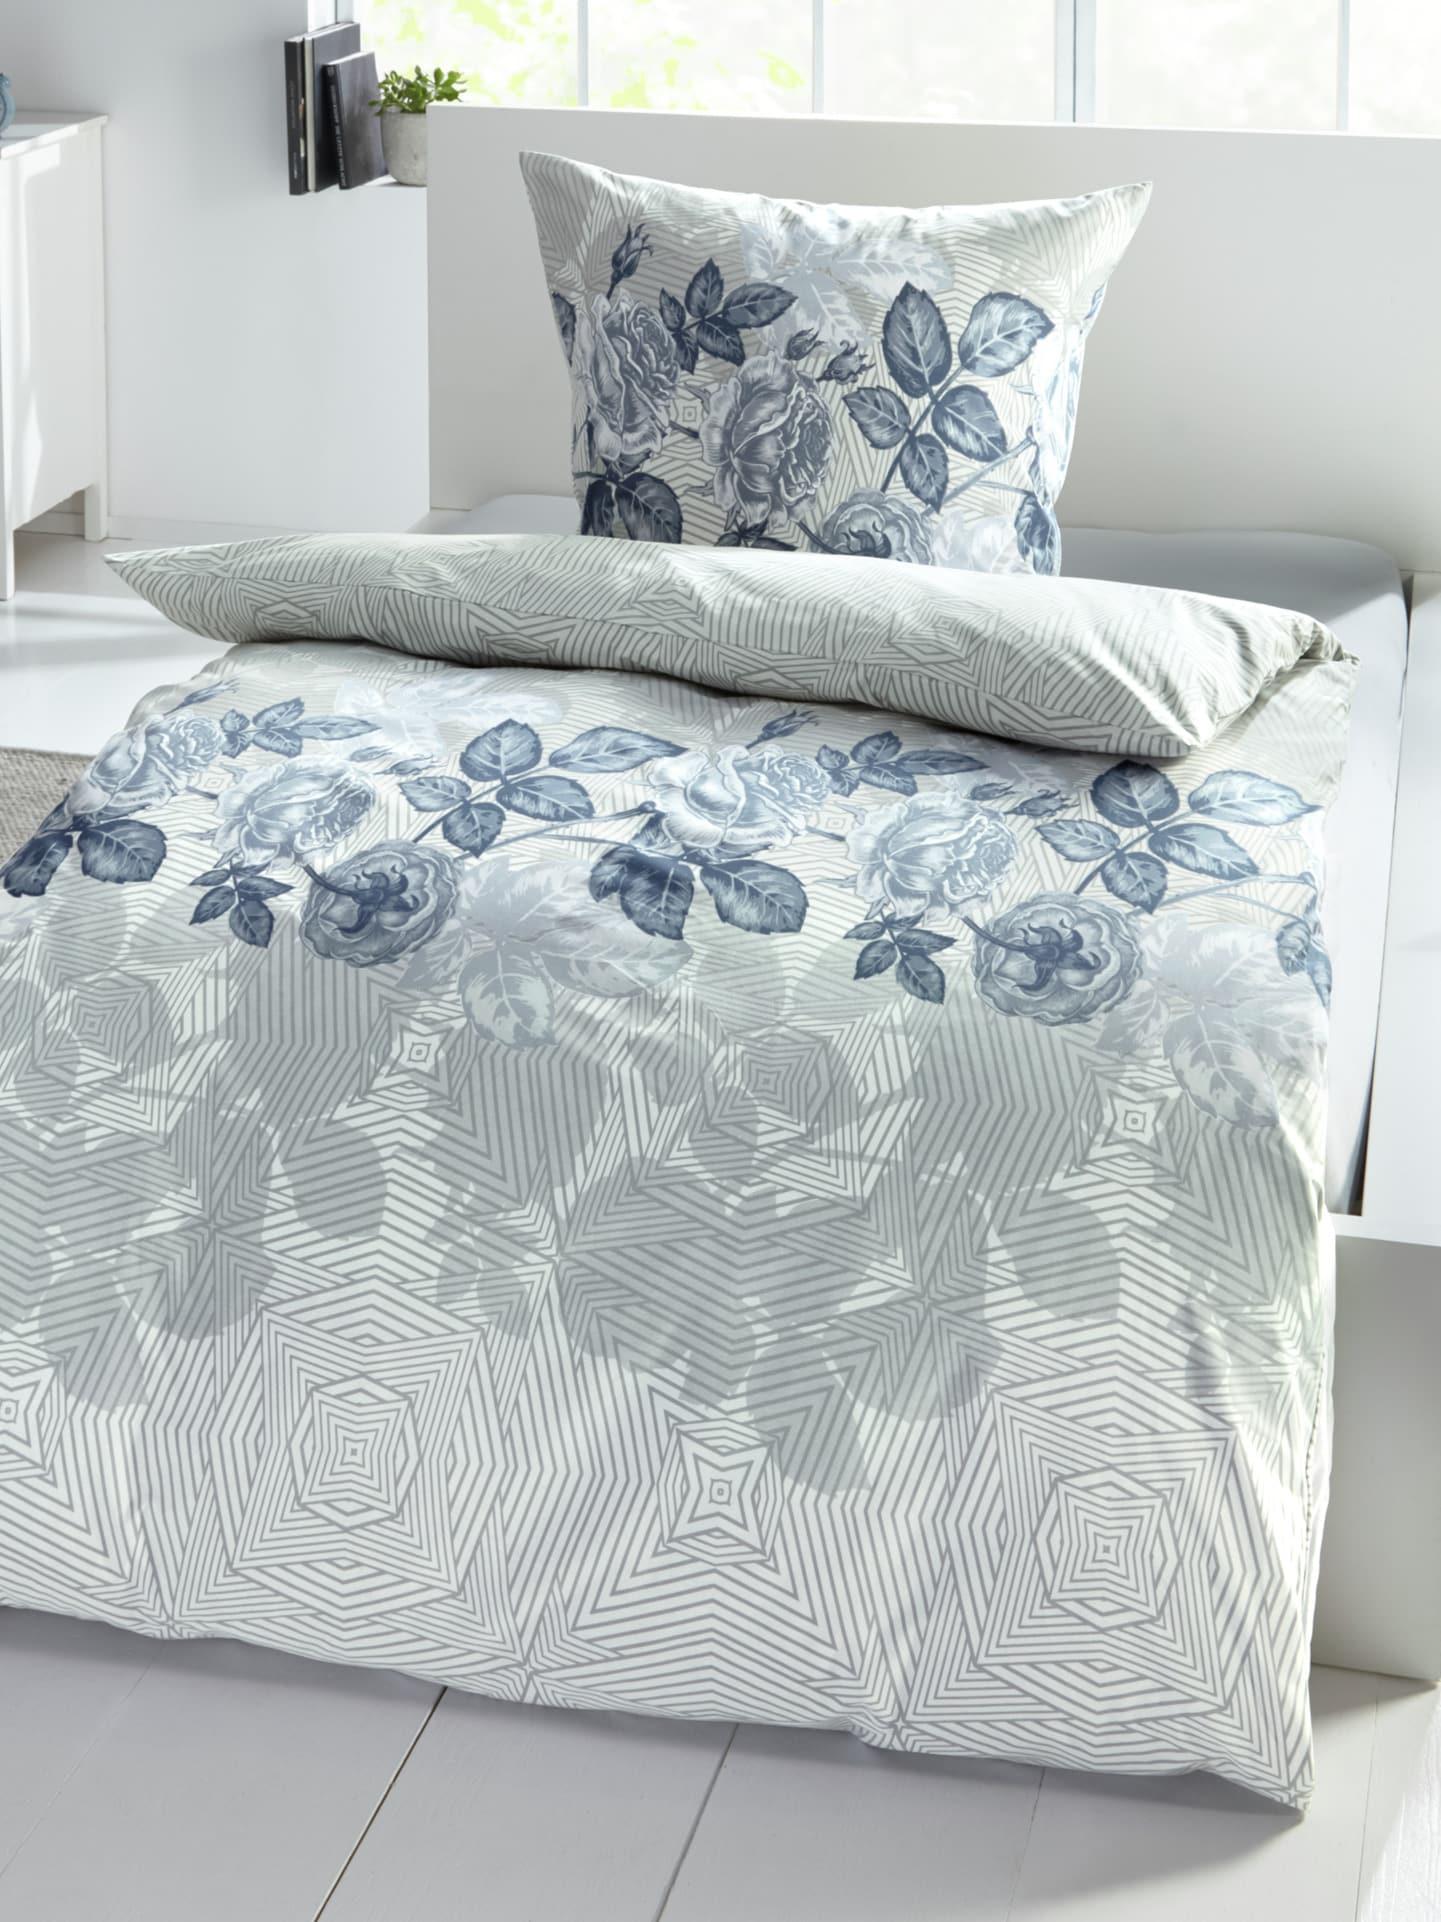 baumwolle bettw sche jungen preisvergleich die besten. Black Bedroom Furniture Sets. Home Design Ideas